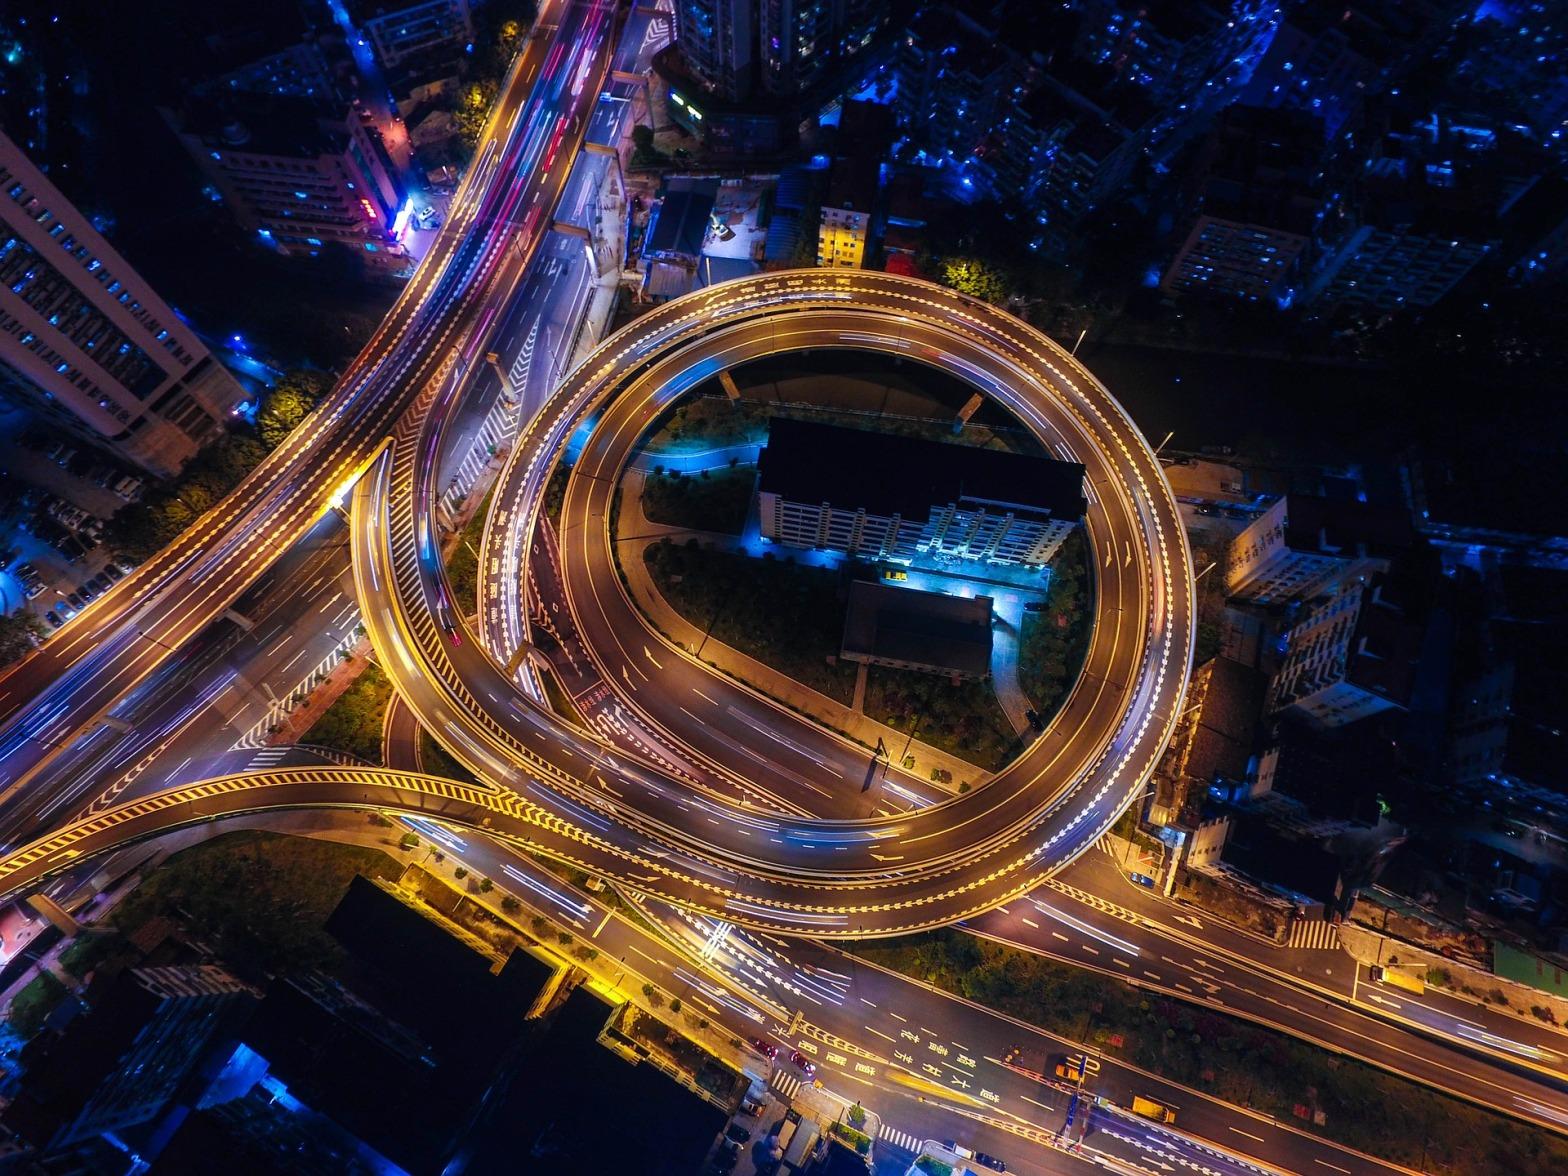 traffico-intenso-metropoli-città-vita-frenetica-inquinamento-tempo-ambiente-stress